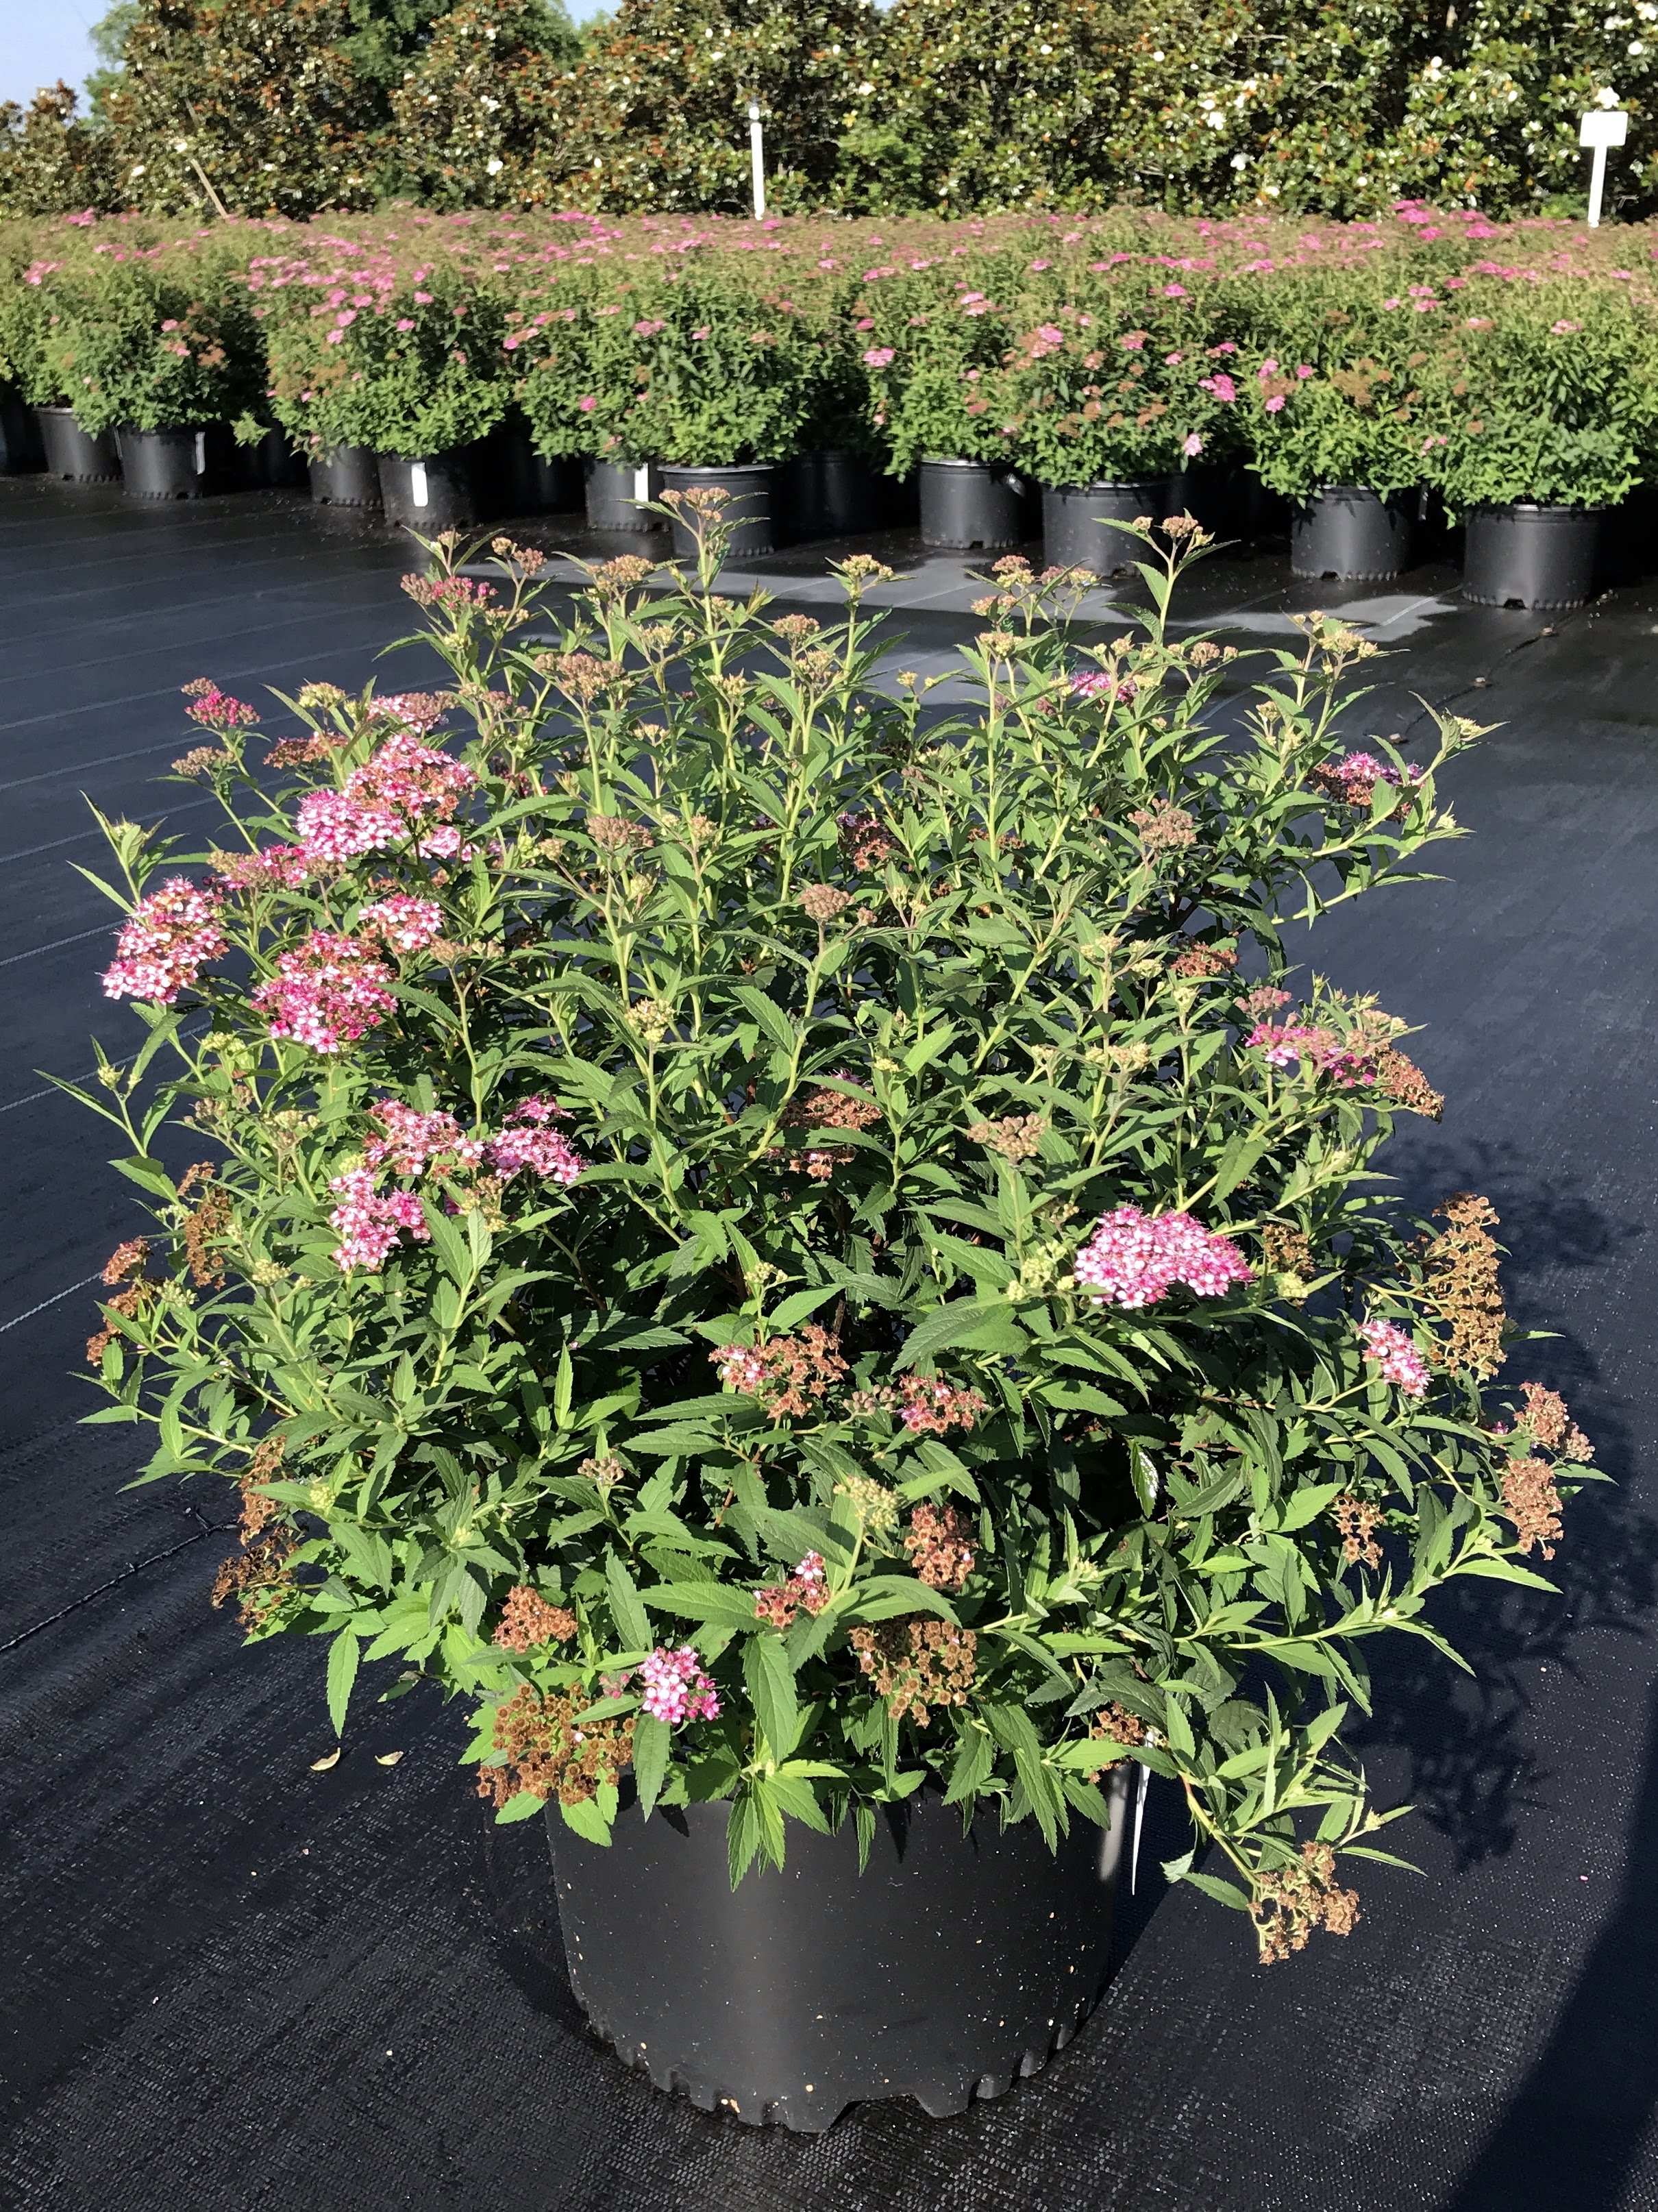 Spiraea japonica 'Neon Flash' 3 gallon